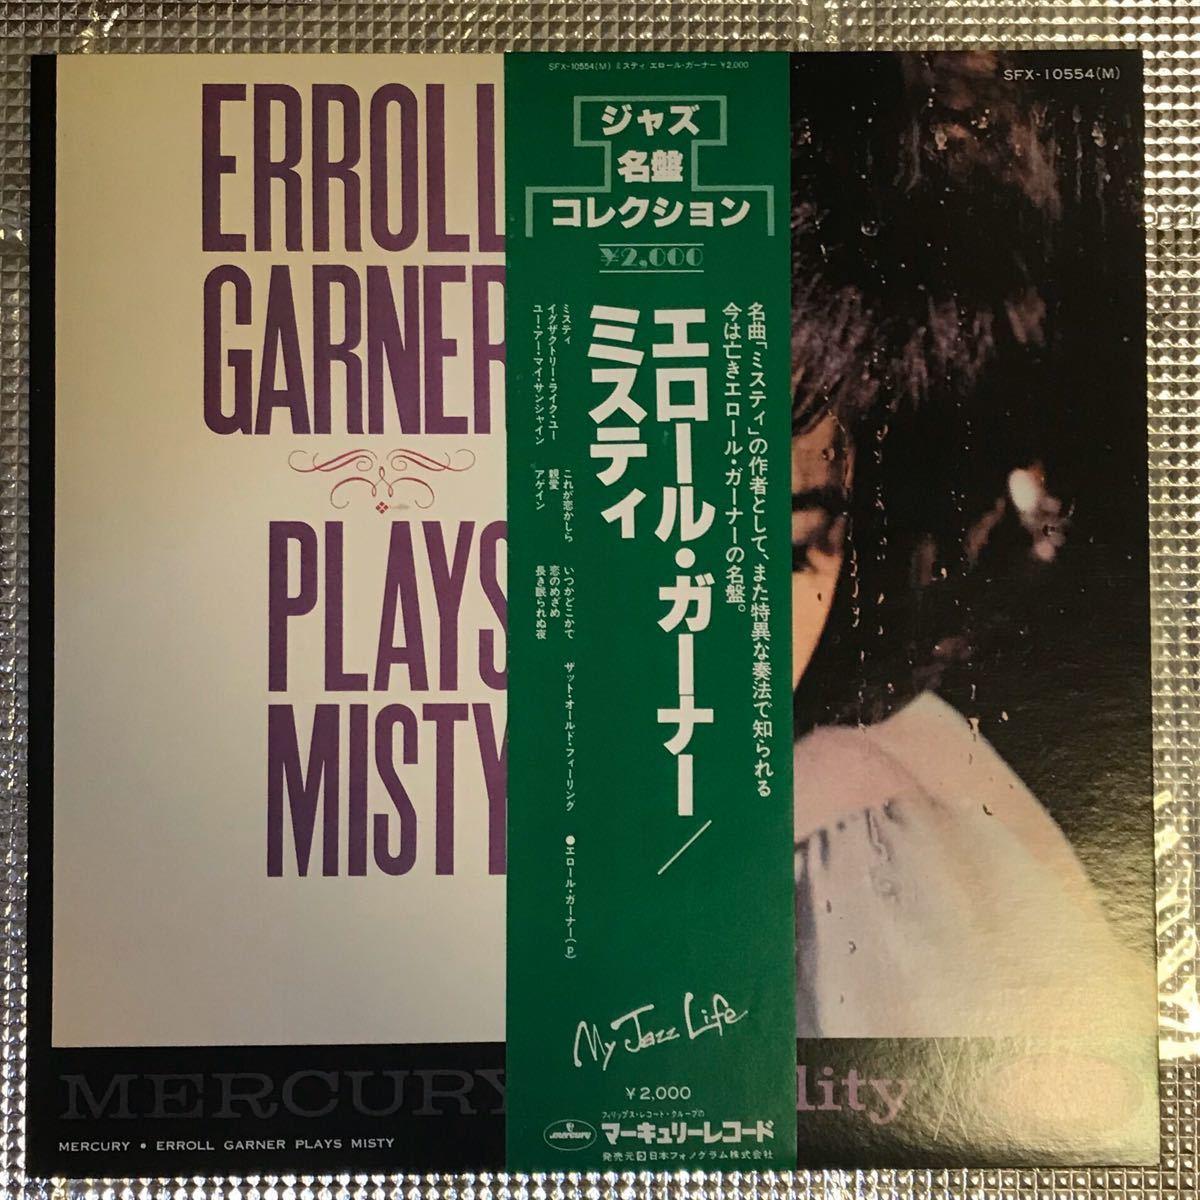 LPレコード  エロール・ガーナー ミスティ / SFX-10554(M)